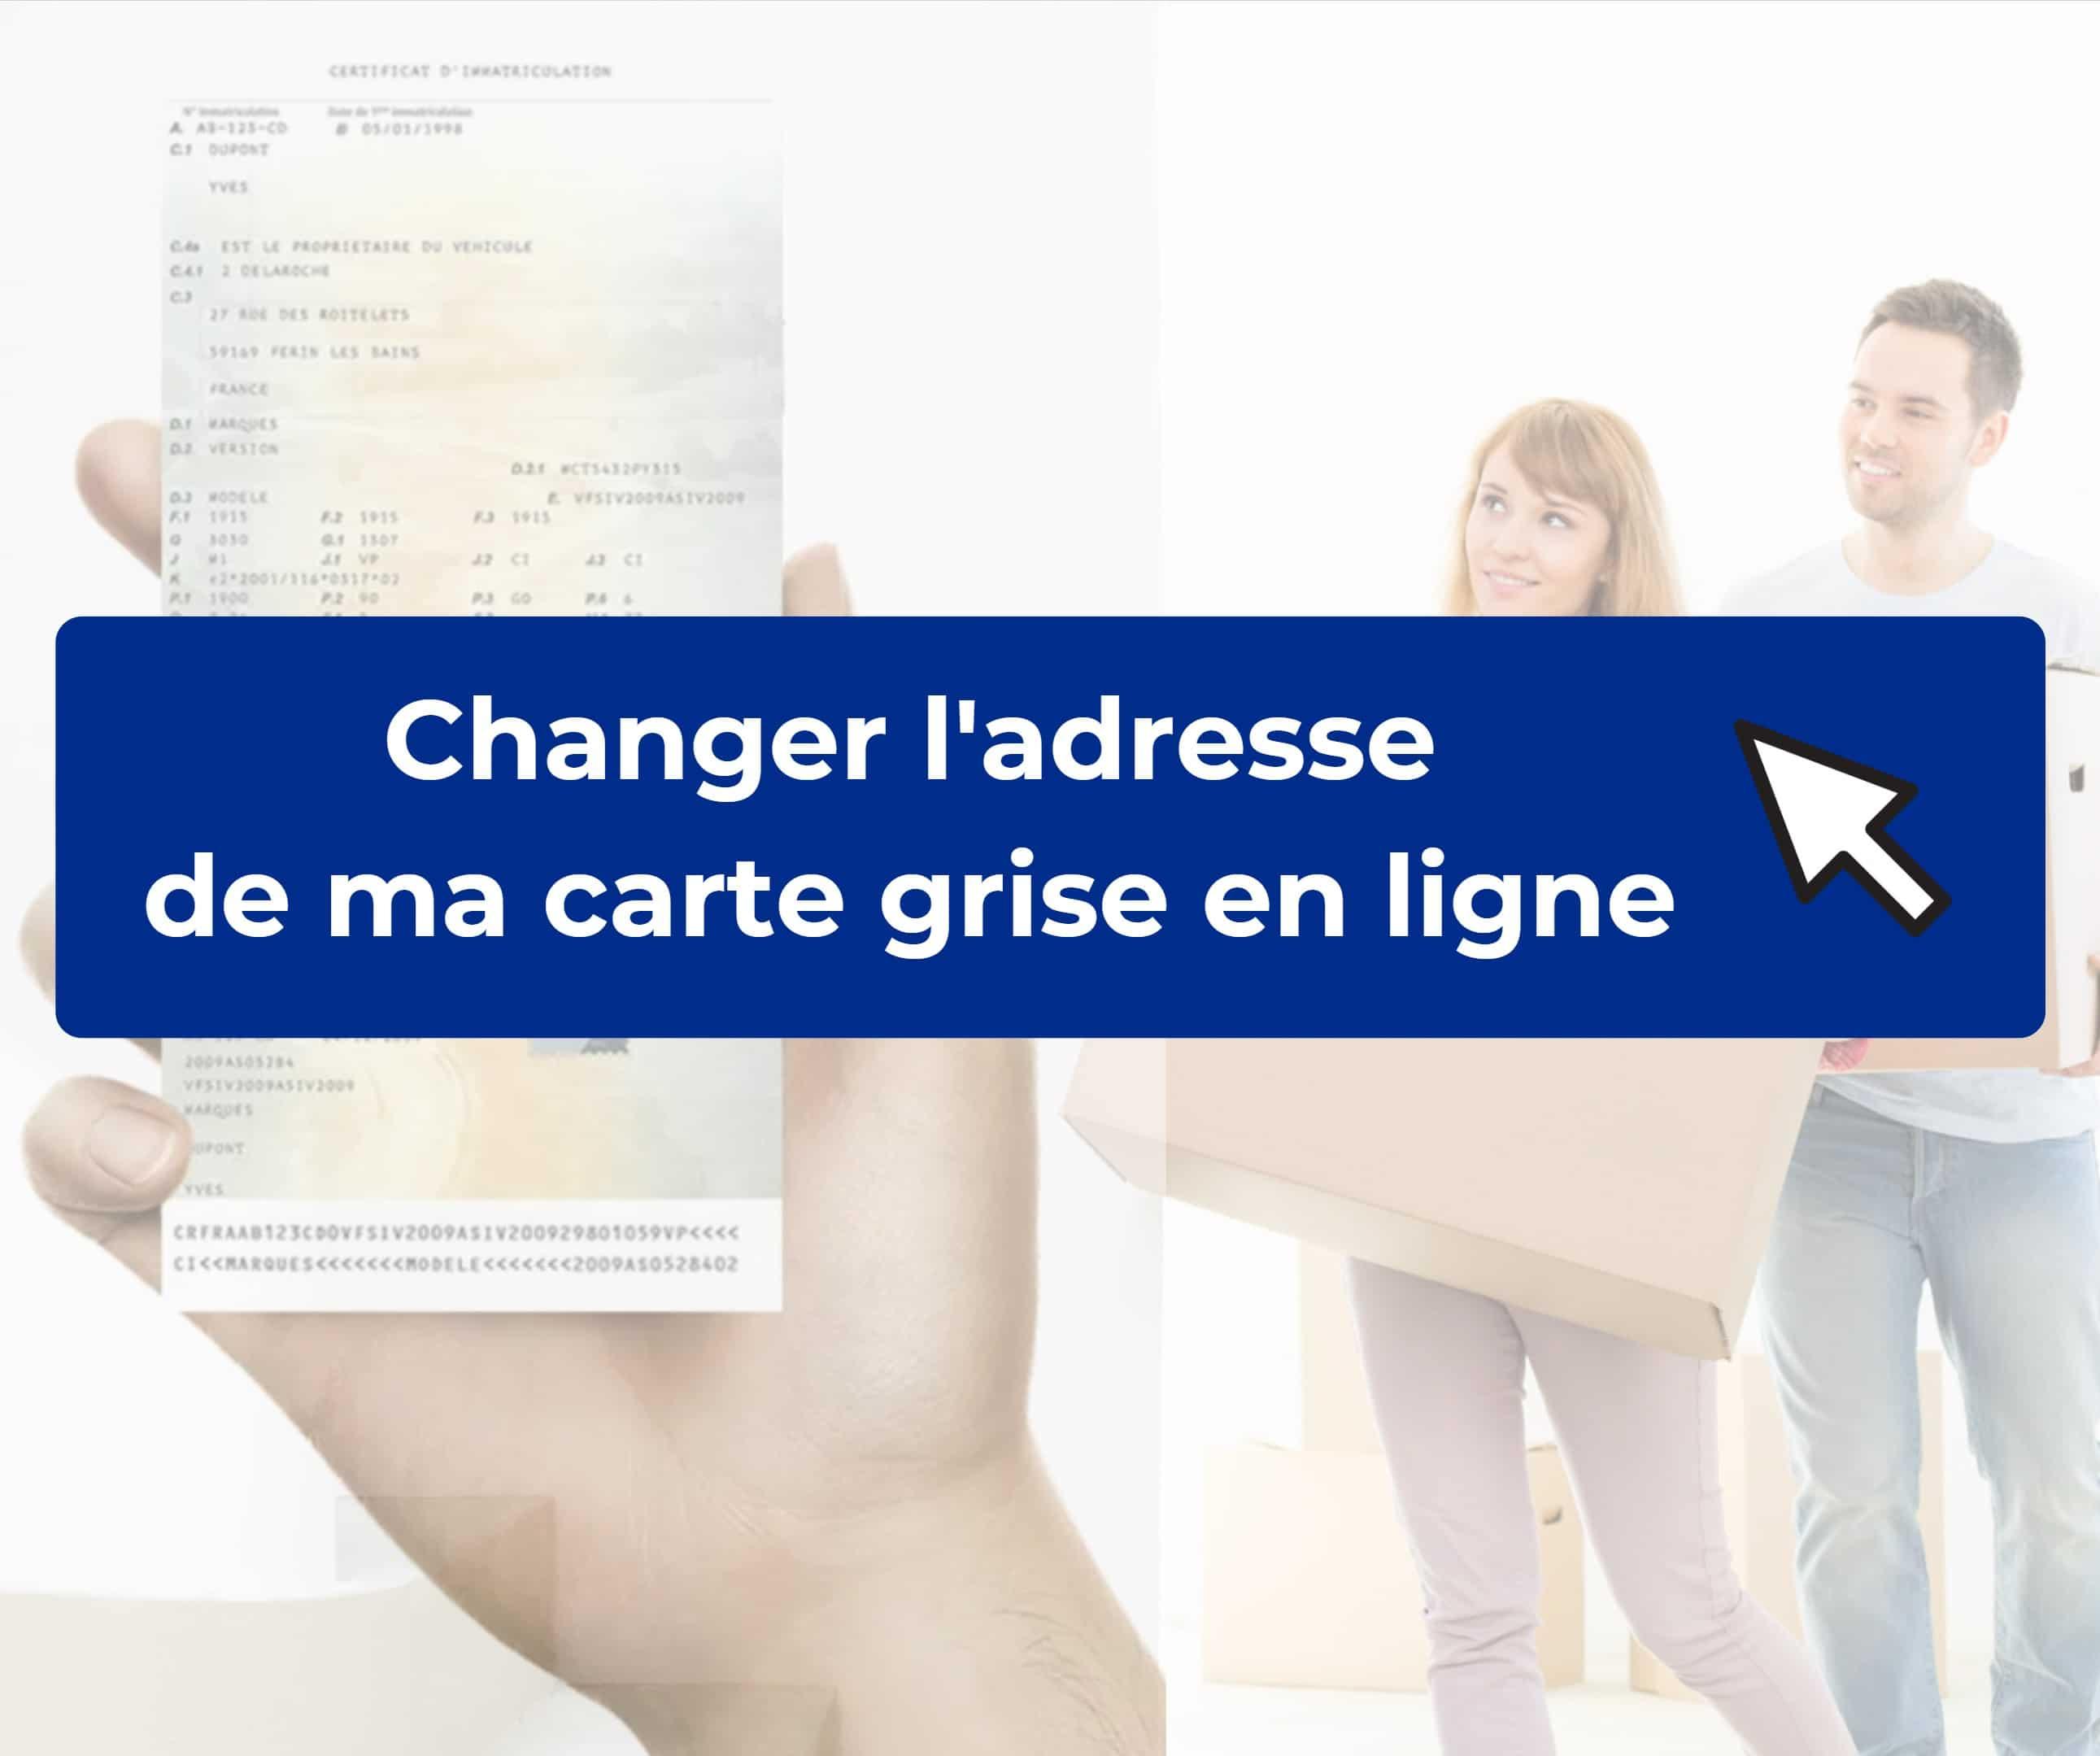 faire un changement d adresse carte grise Demande de changement d'adresse carte grise en ligne